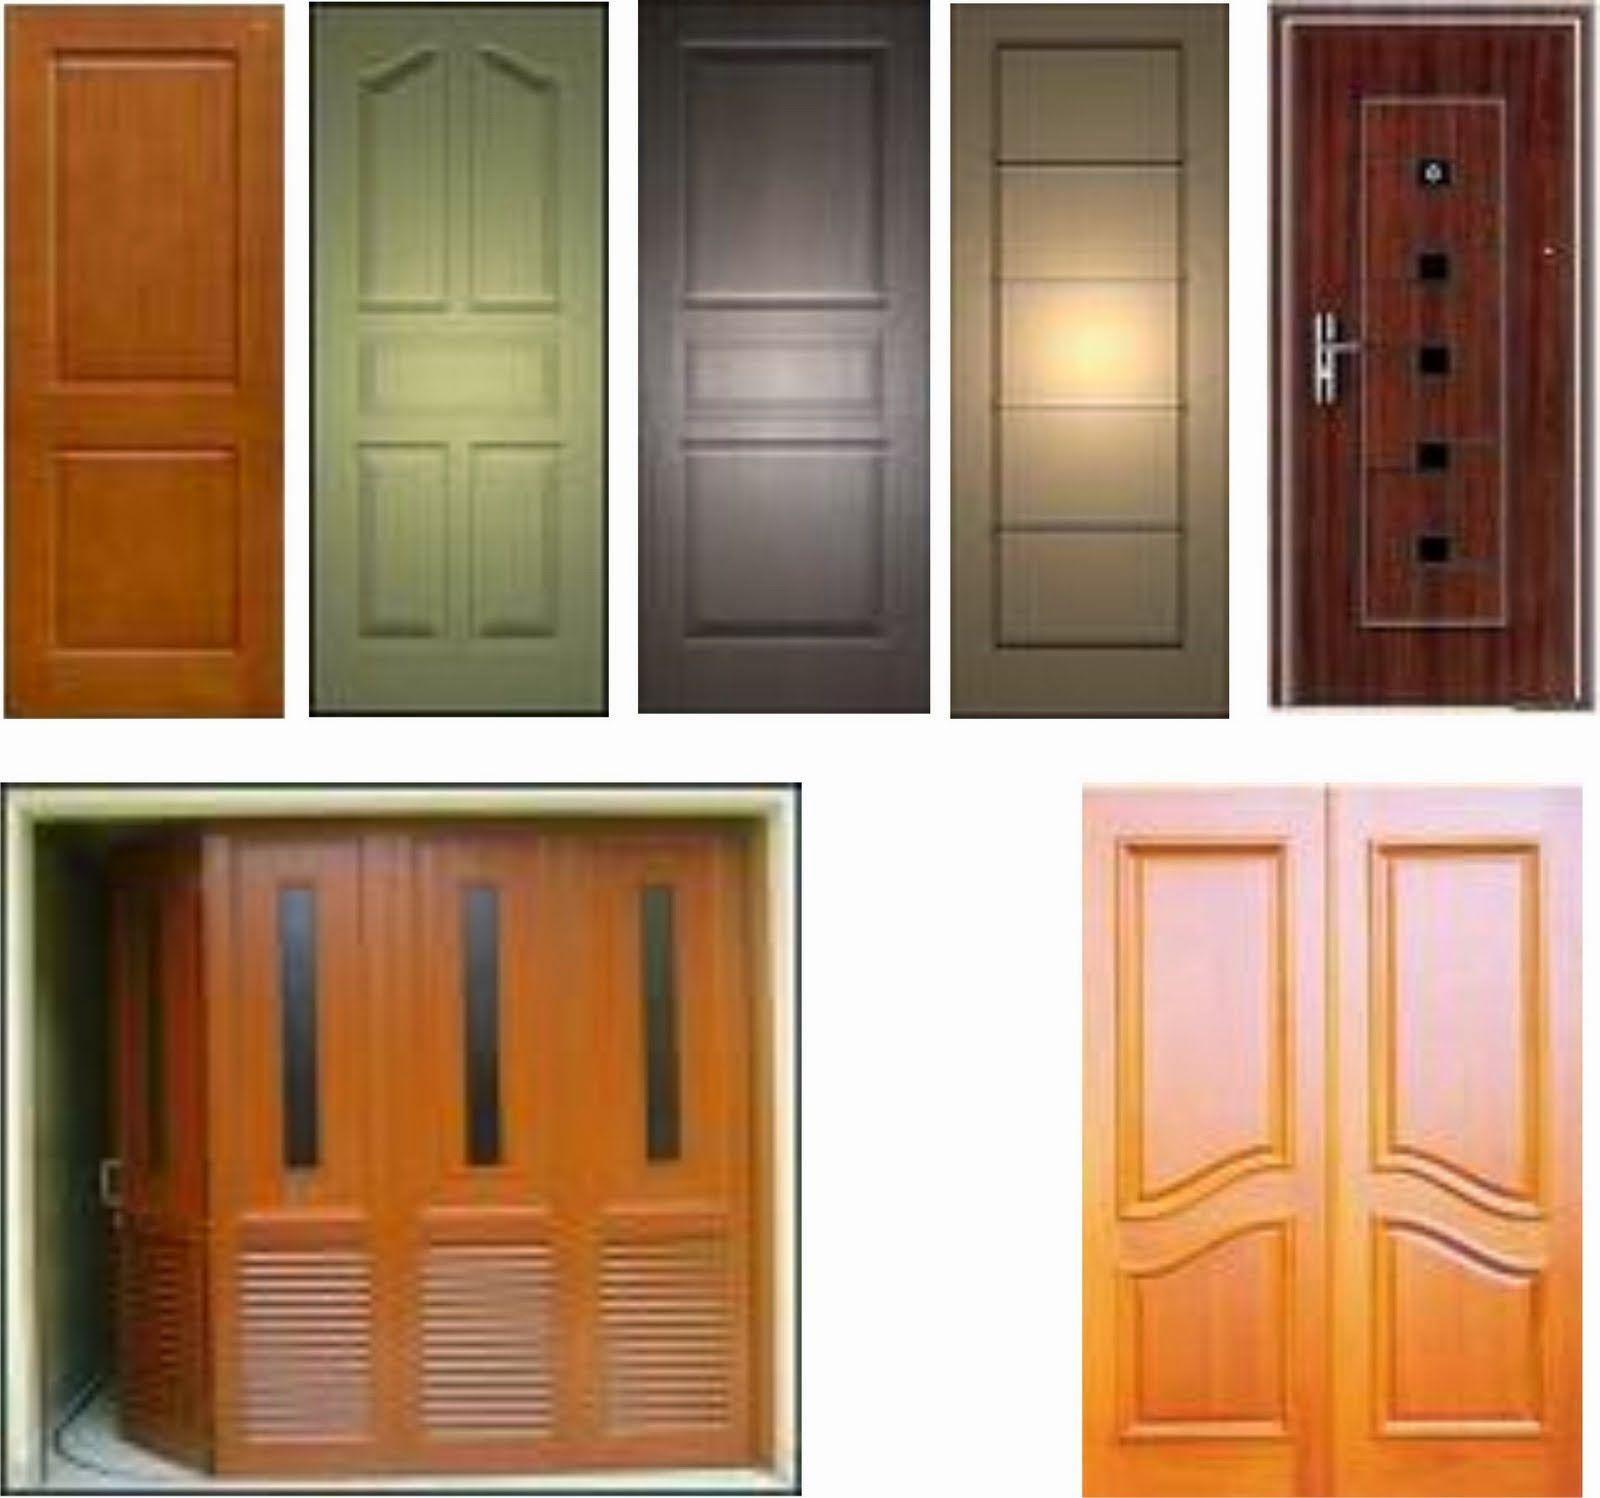 Warna Cat Untuk Pintu Jendela Rumah Minimalis Cek Bahan Bangunan Warna cat pintu dan jendela yang bagus